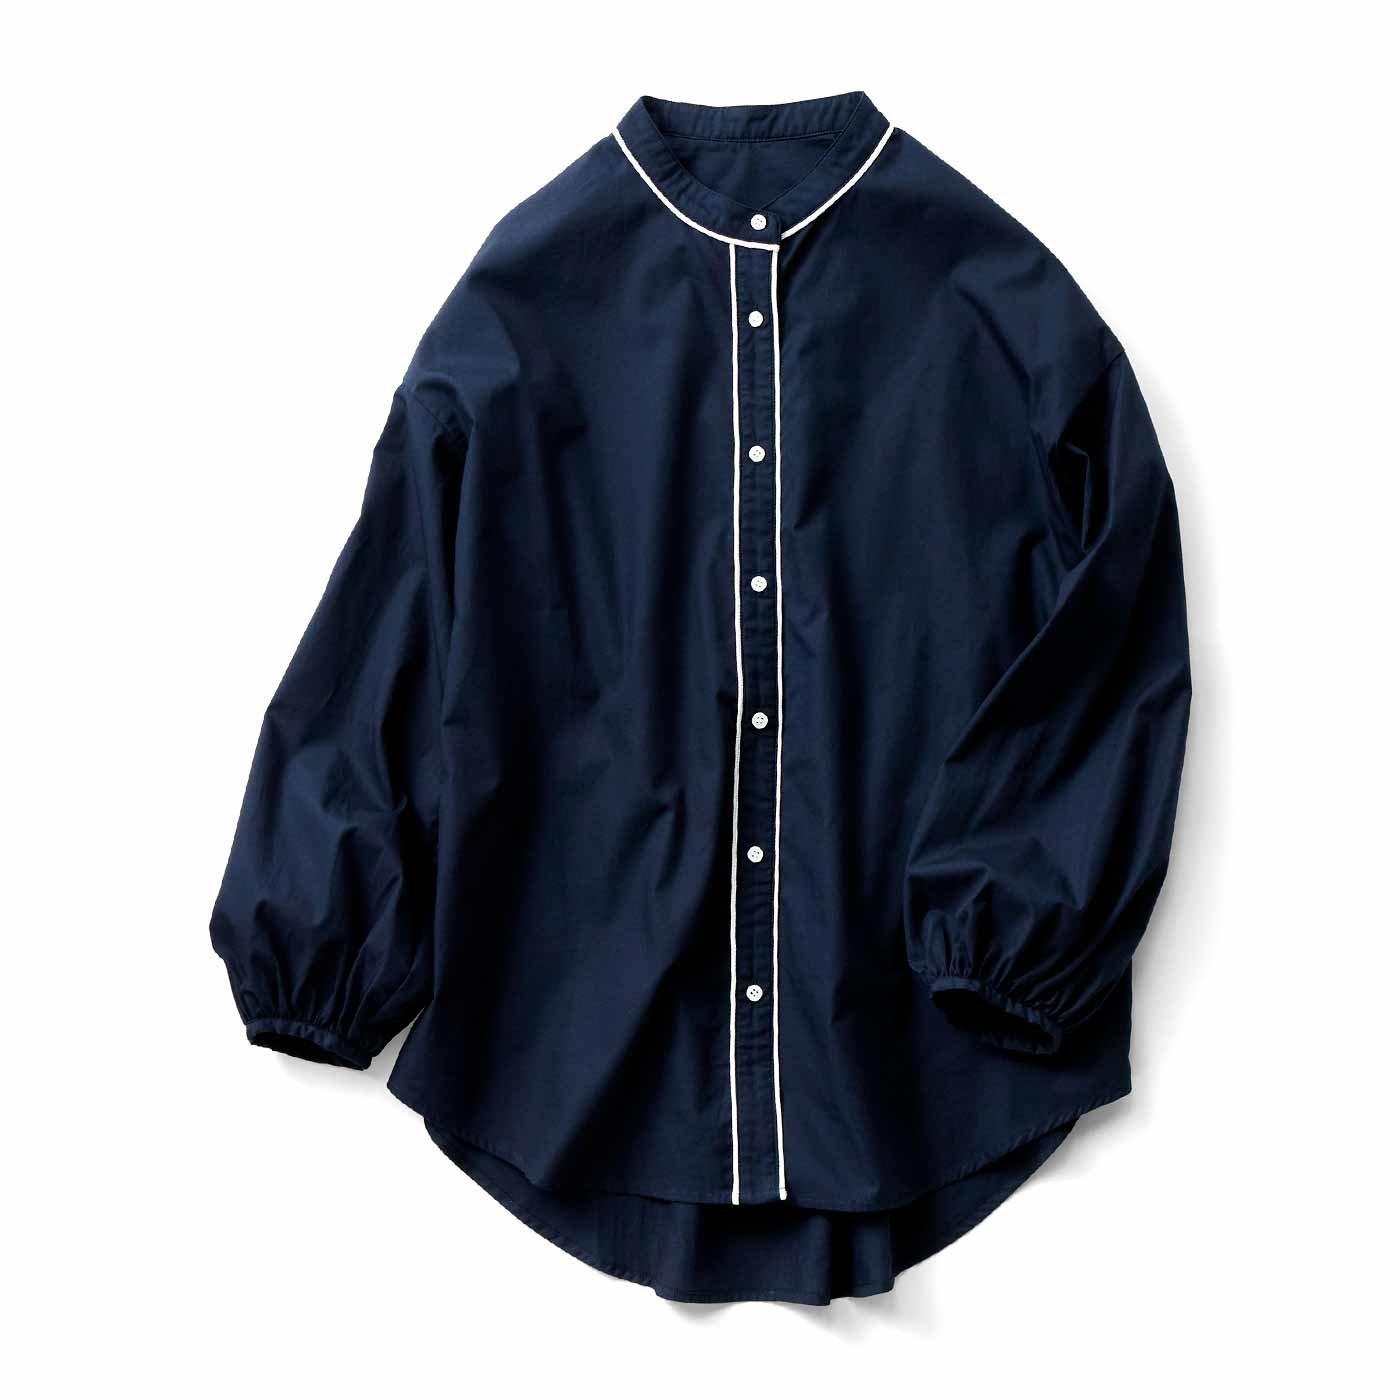 【3~10日でお届け】IEDIT[イディット] コーデのポイントになる きれいめパイピングシャツ〈ネイビー〉